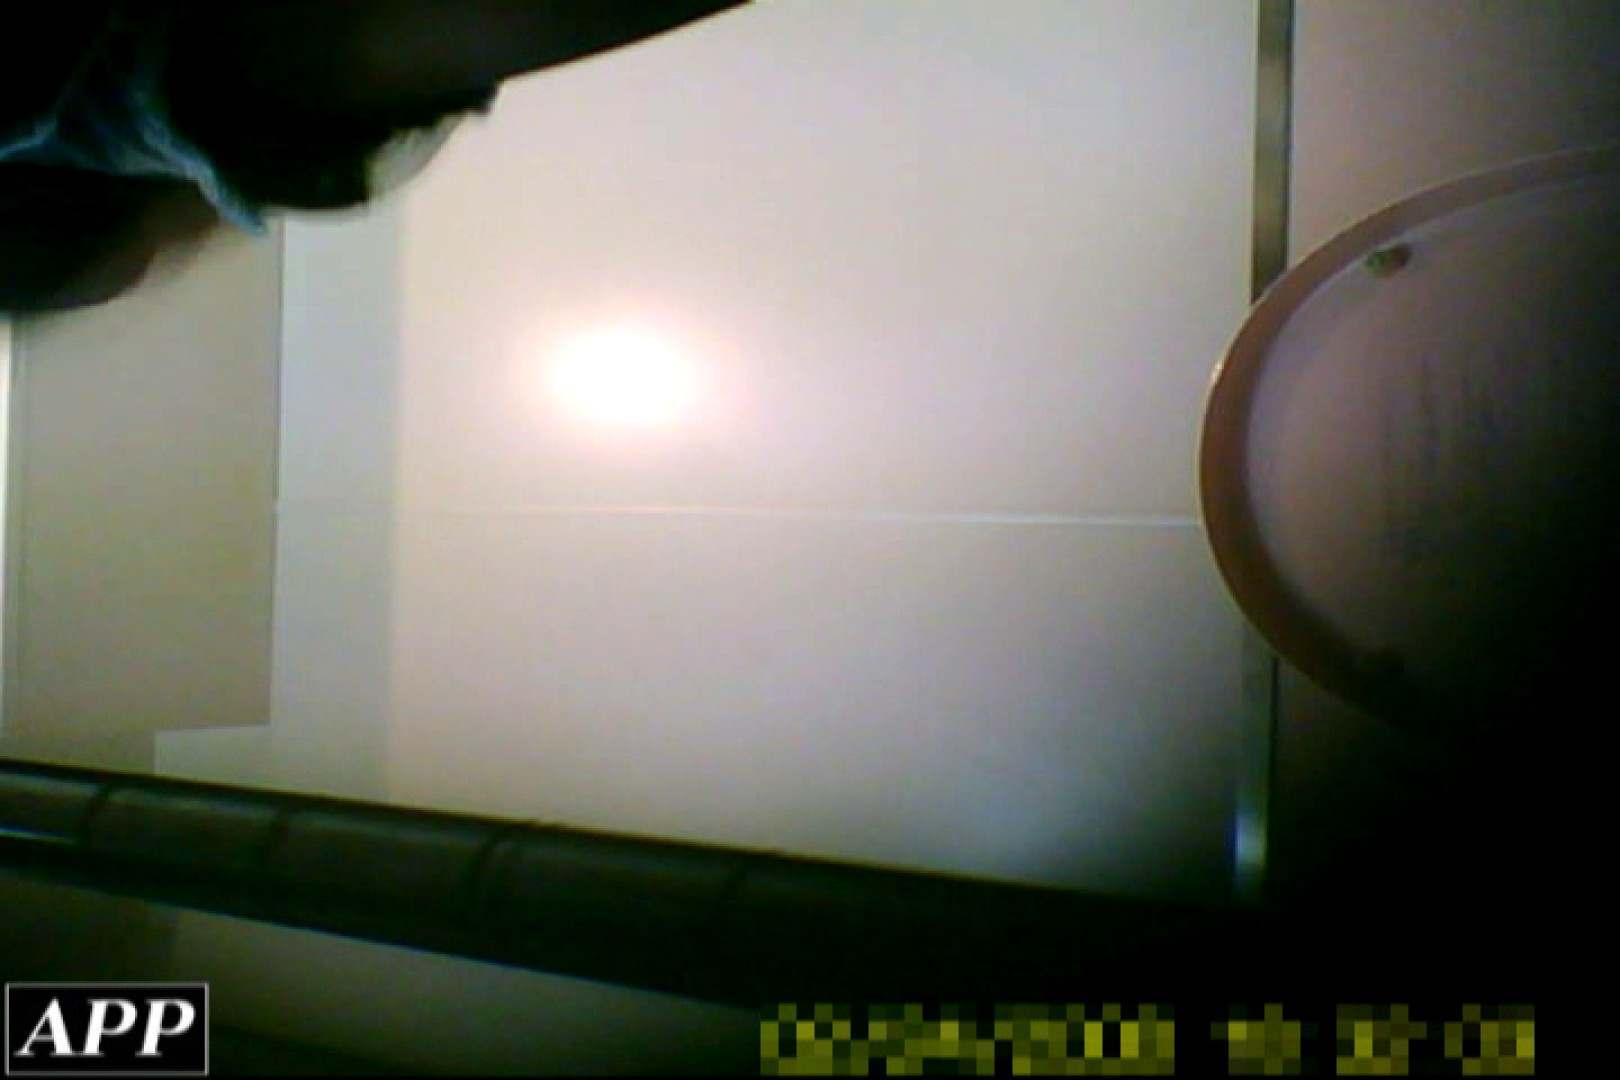 3視点洗面所 vol.002 洗面所 | OLの実態  80pic 57